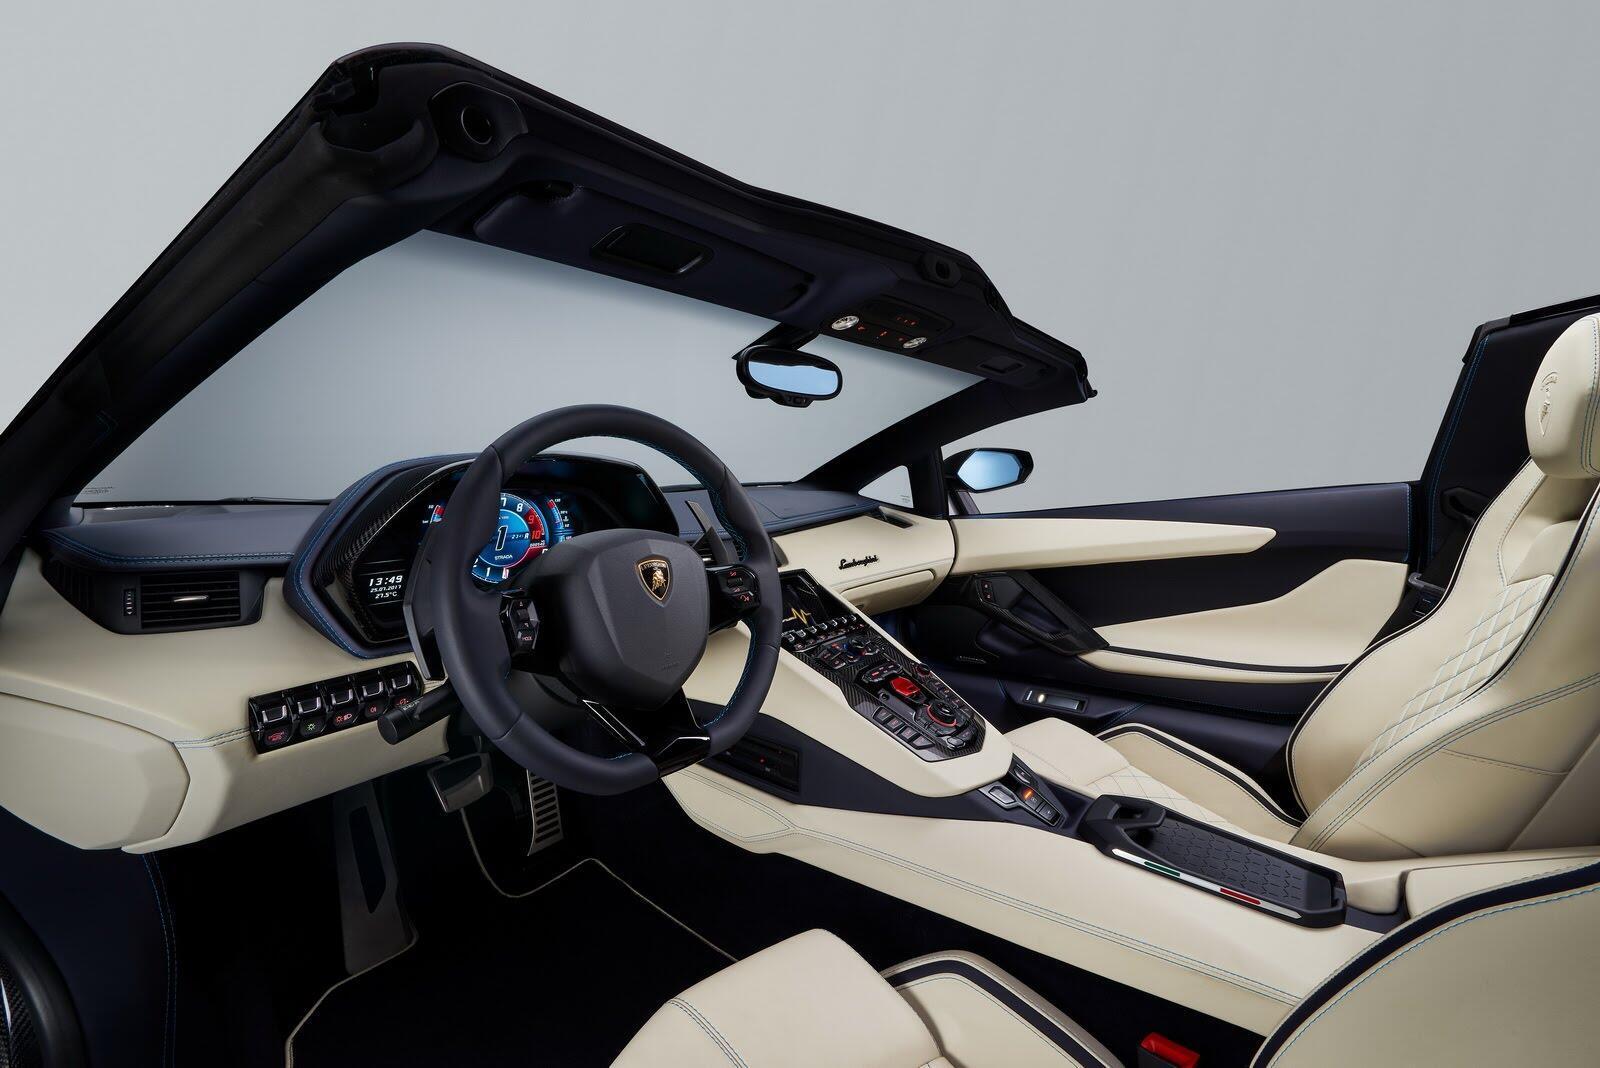 Siêu xe Lamborghini Aventador S Roadster chính thức trình làng - Hình 9